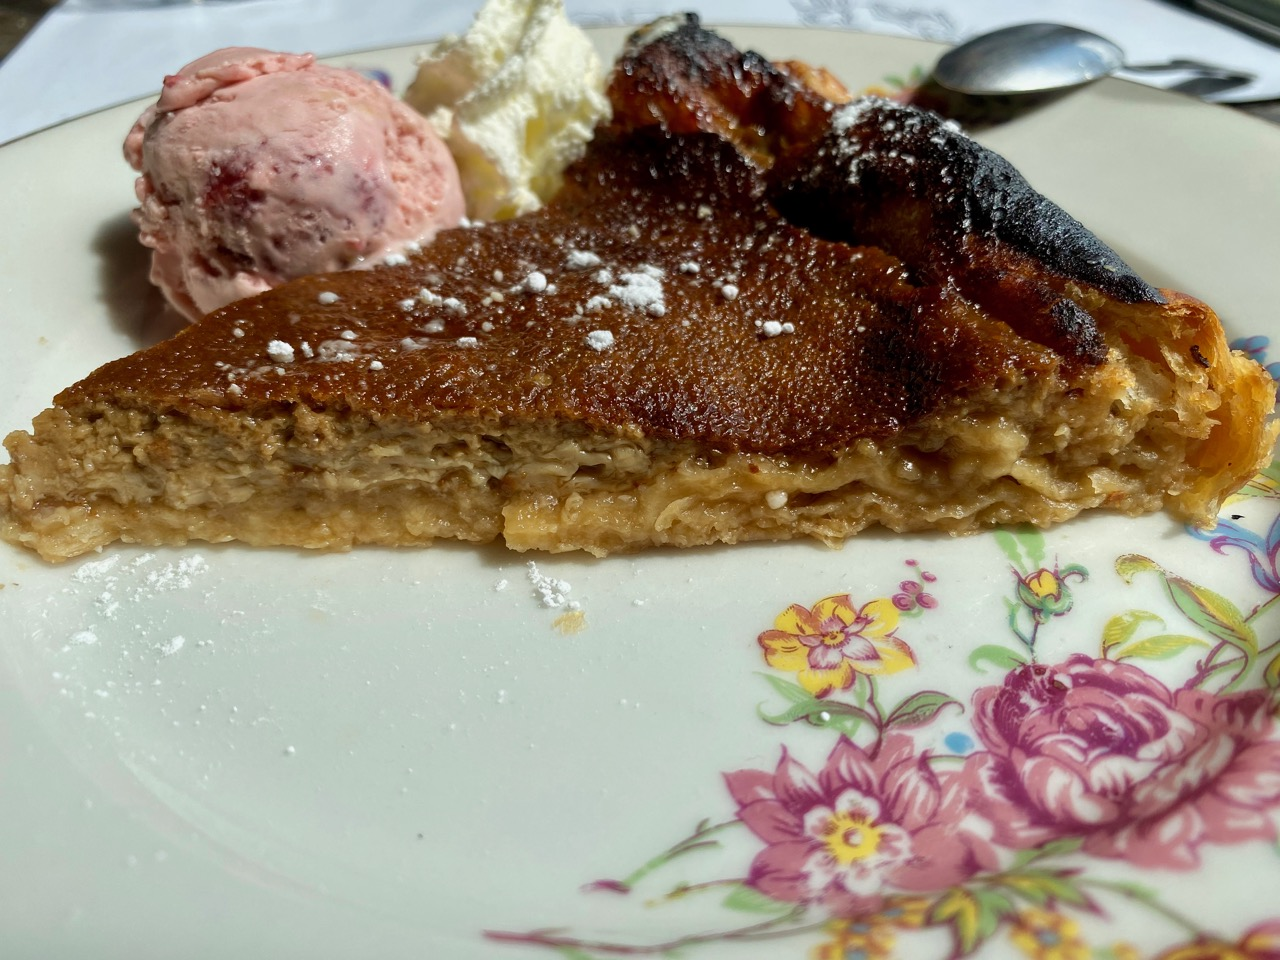 Estaminet-Het-Kasteelhof-Cassel-dessert